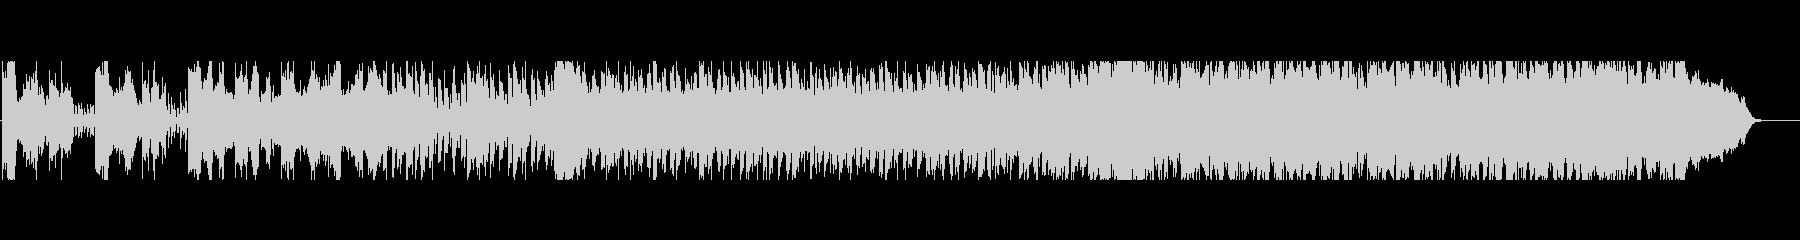 退廃的なエレクトロと官能的なストリングスの未再生の波形